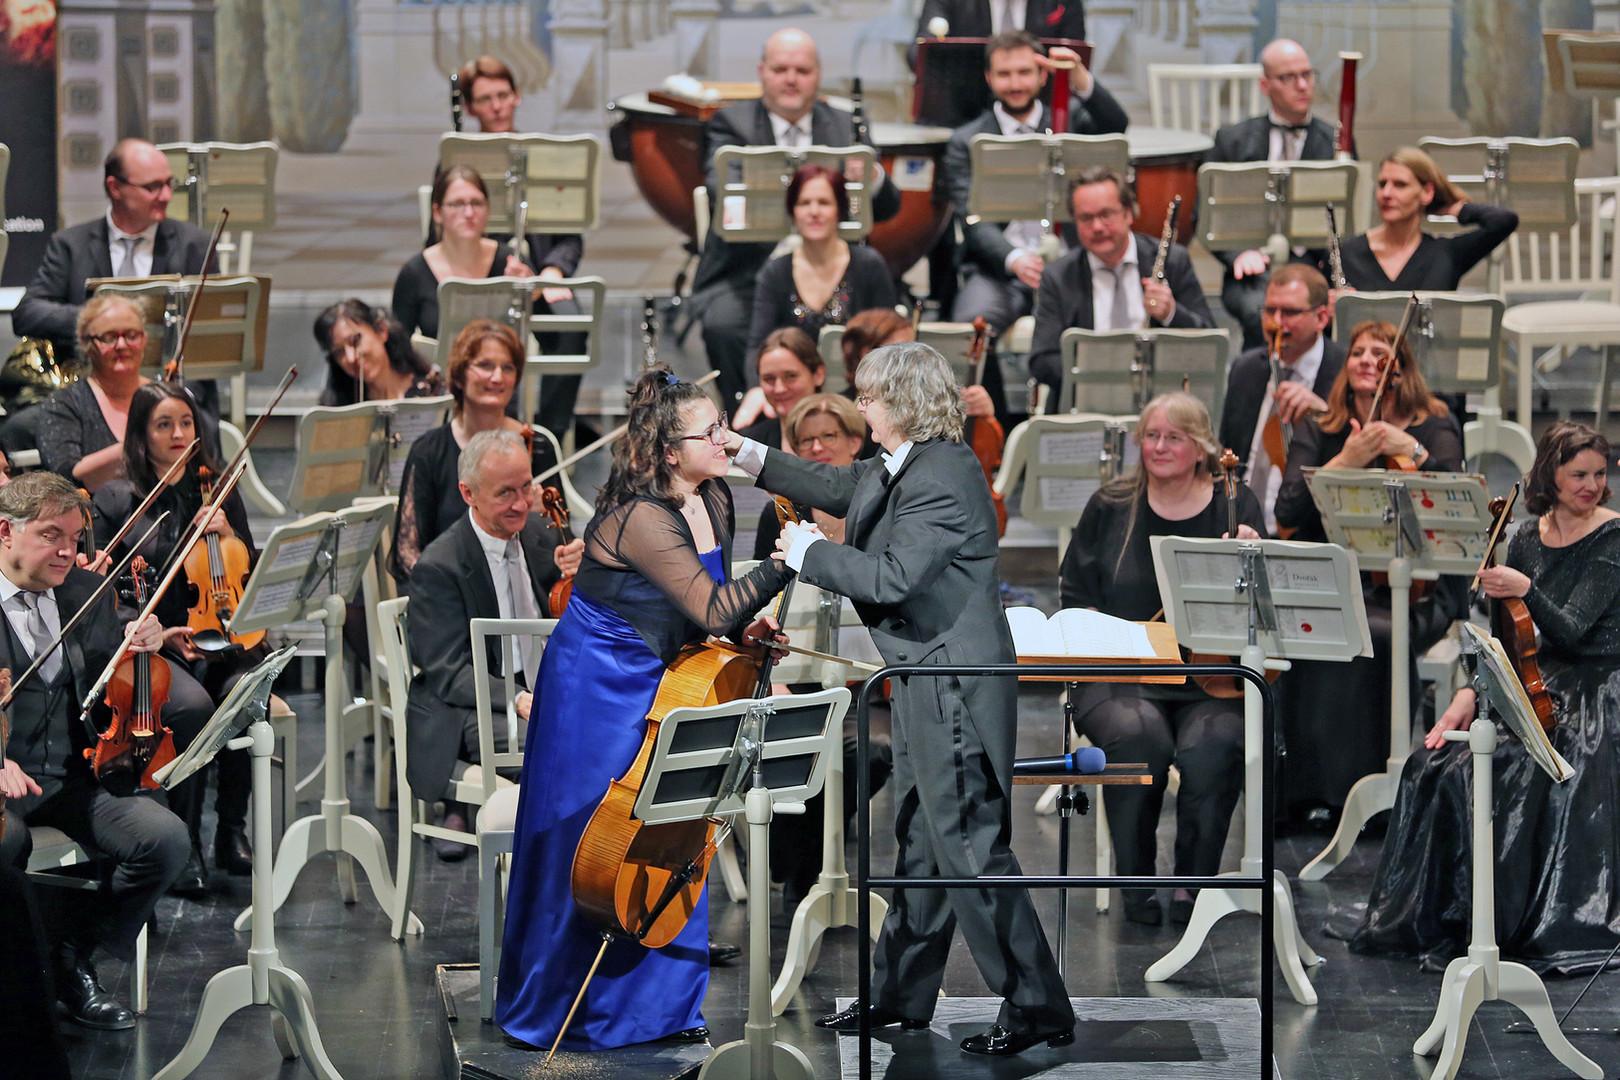 rokokotheater08-09022020.jpg